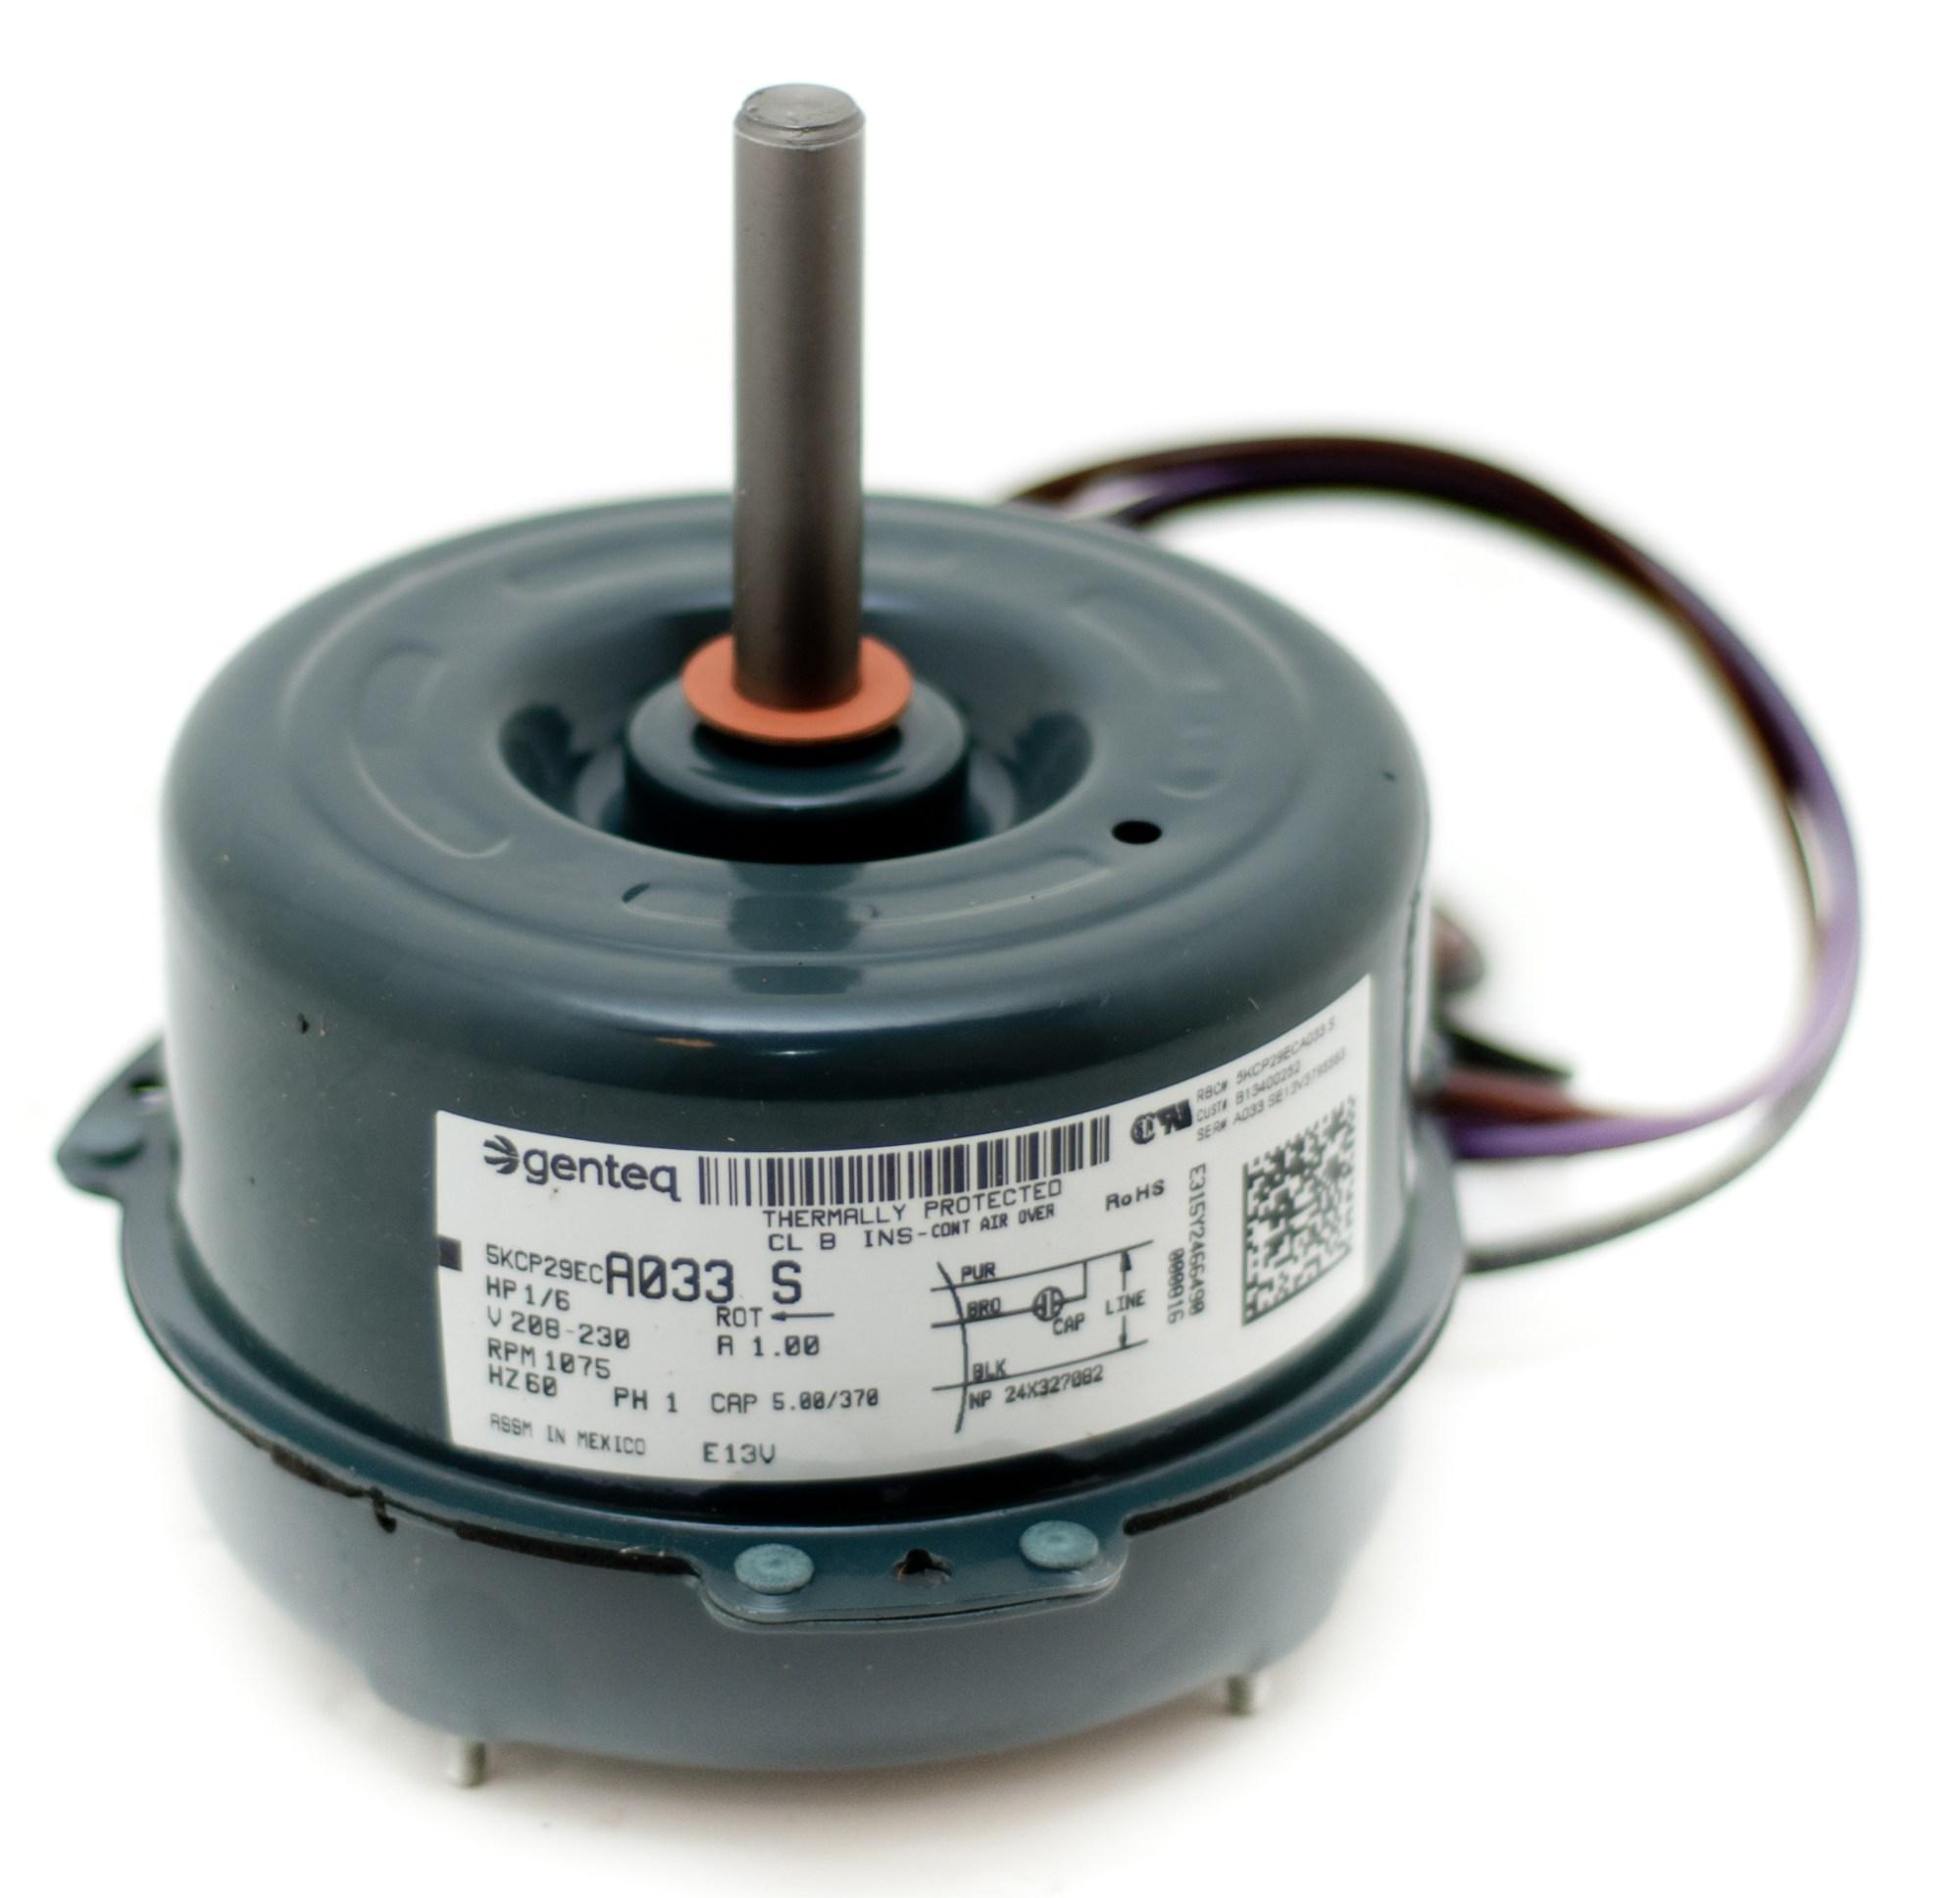 hight resolution of condenser fan motor b13400252s goodman janitrol 1 6 hp 1 speed